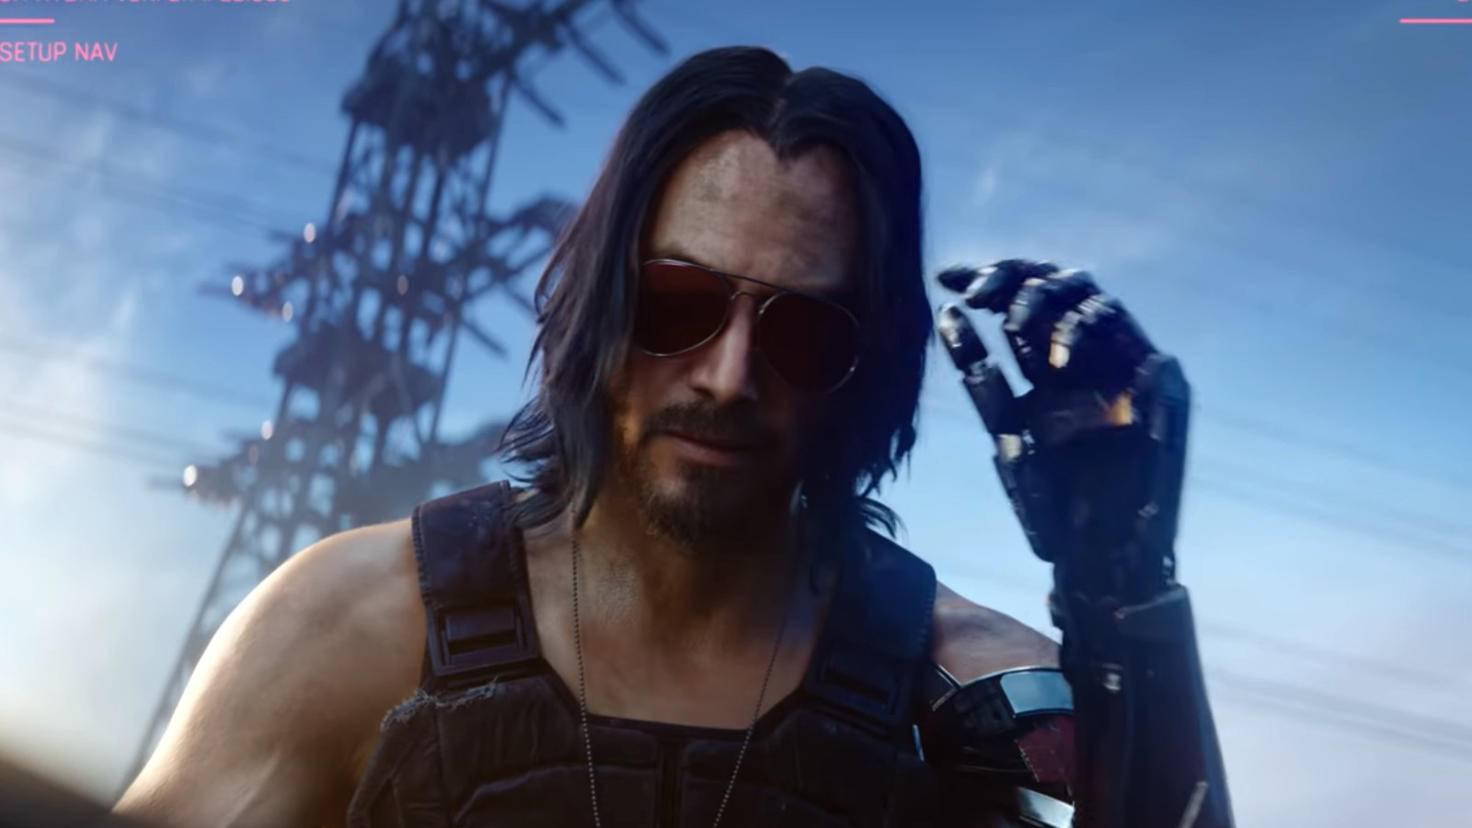 """""""Cyberpunk 2077"""" auf der Switch? Mit der derzeitigen Hardware undenkbar."""